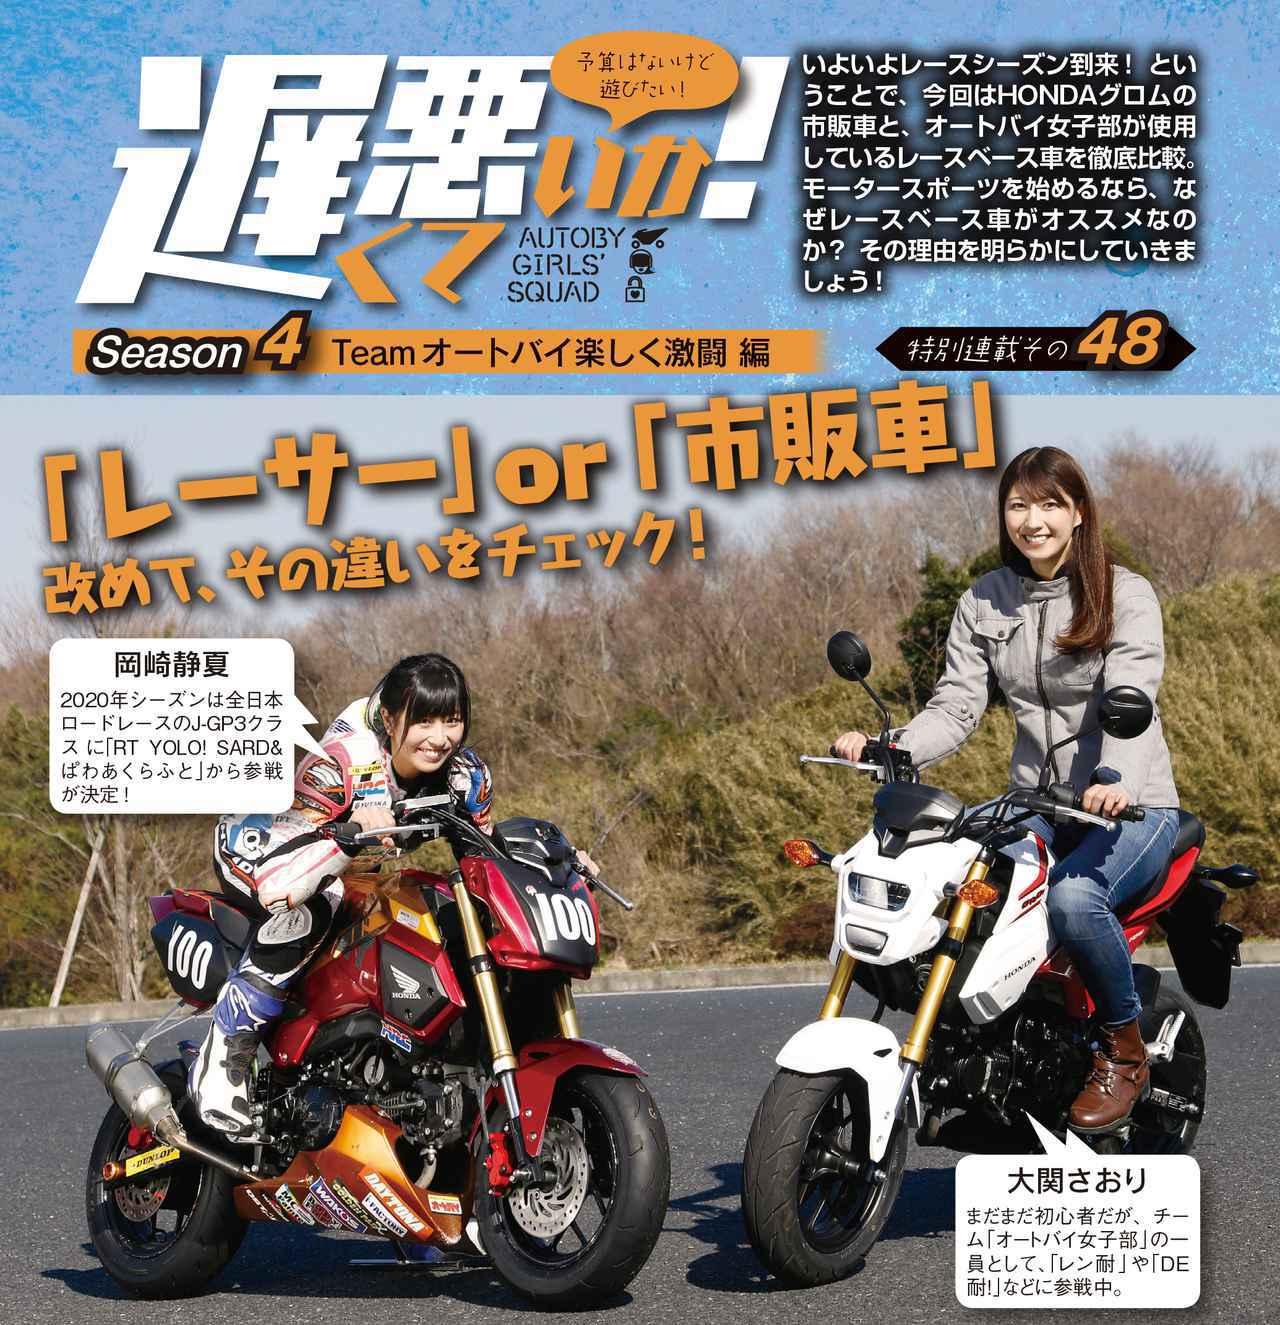 画像: プロレーサーとして活躍する岡崎静夏さんが登場! 大関さおりさんはロングラン研究所やRIDEでも活躍!